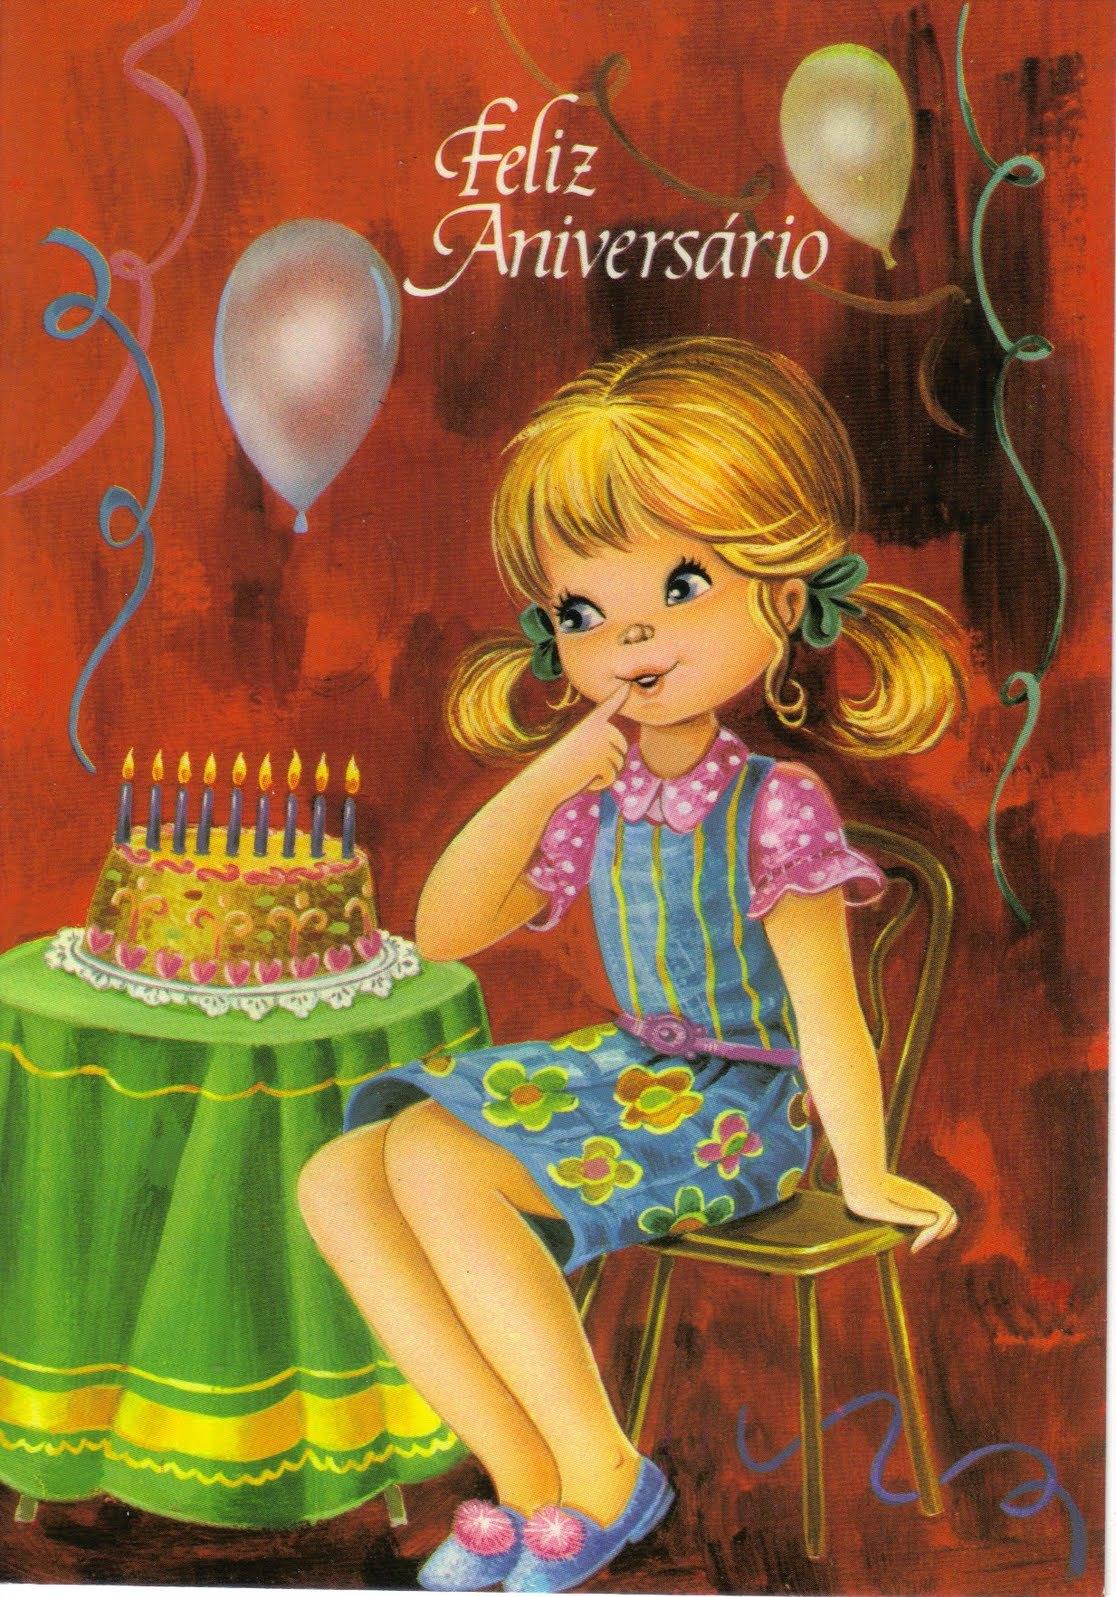 Поздравление с днем рождения для девочки 6 лет музыкальное